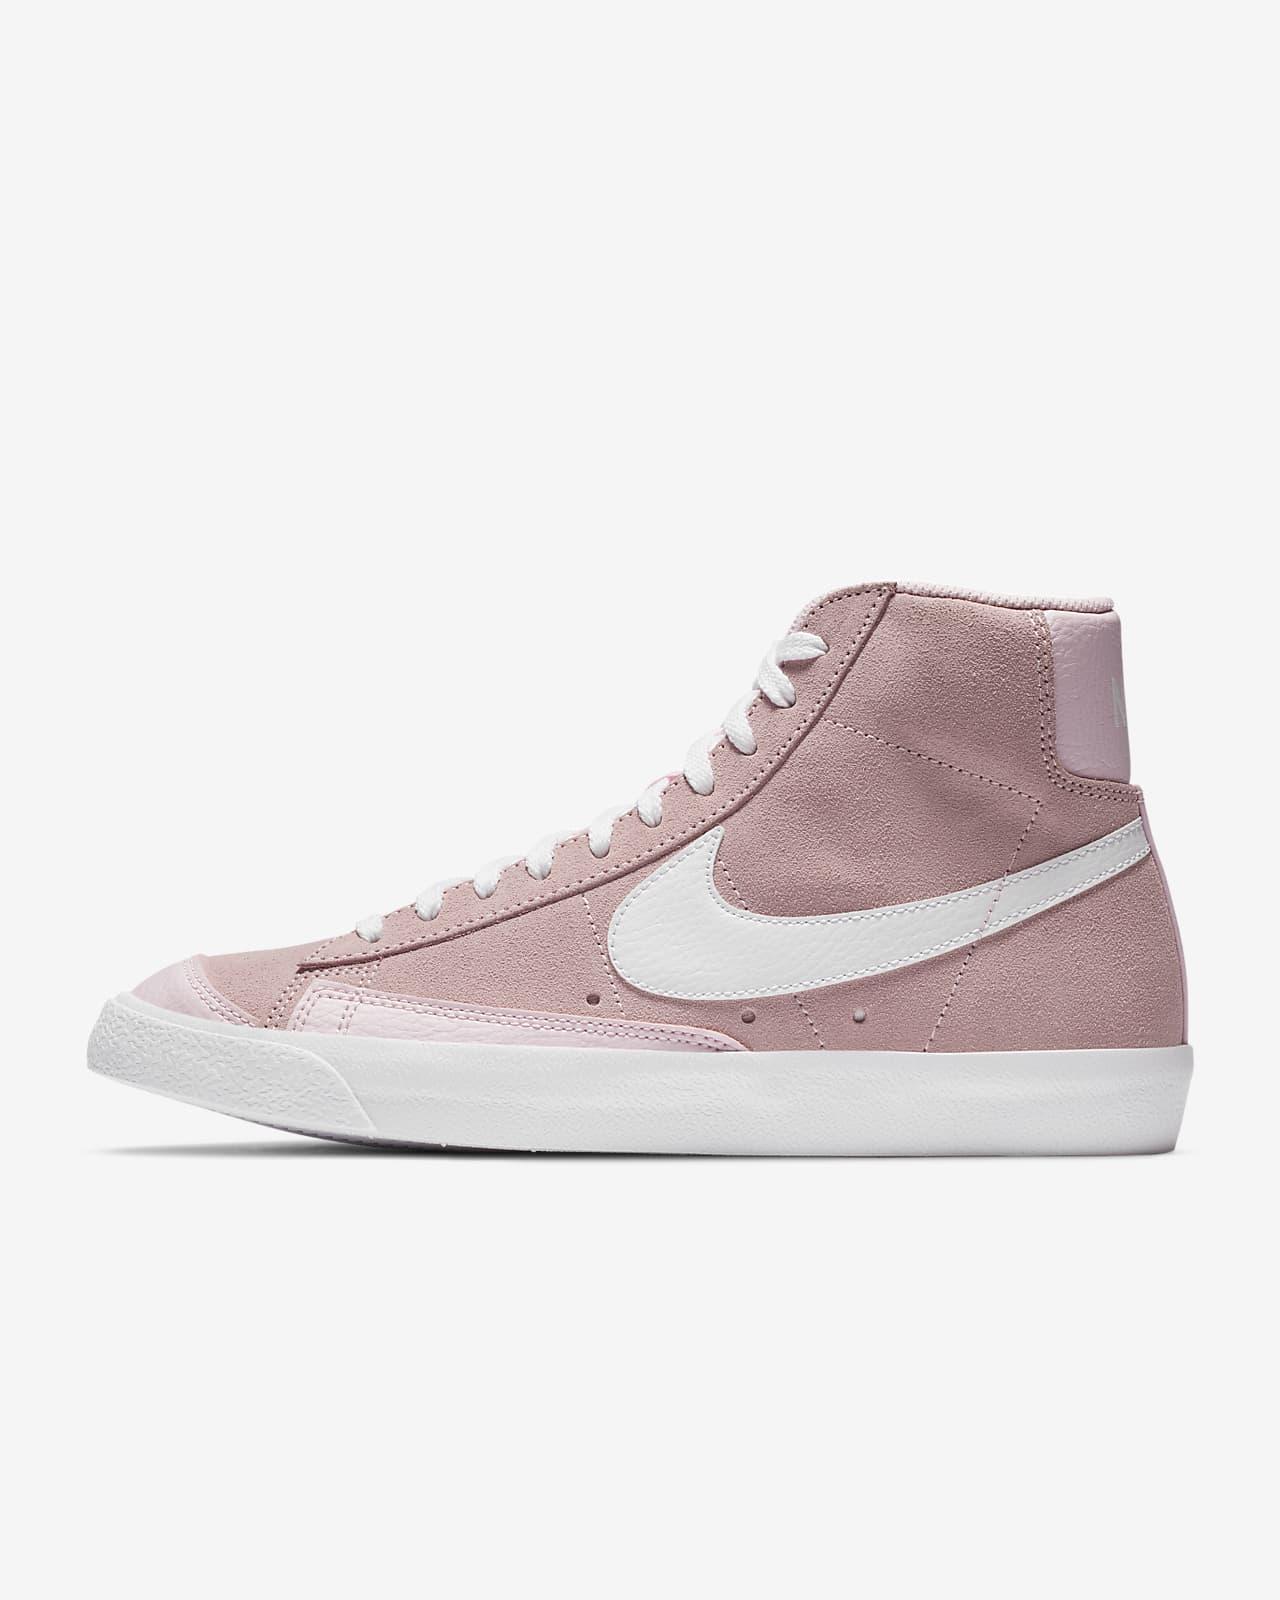 Nike Blazer Mid Vintage '77 Kadın Ayakkabısı